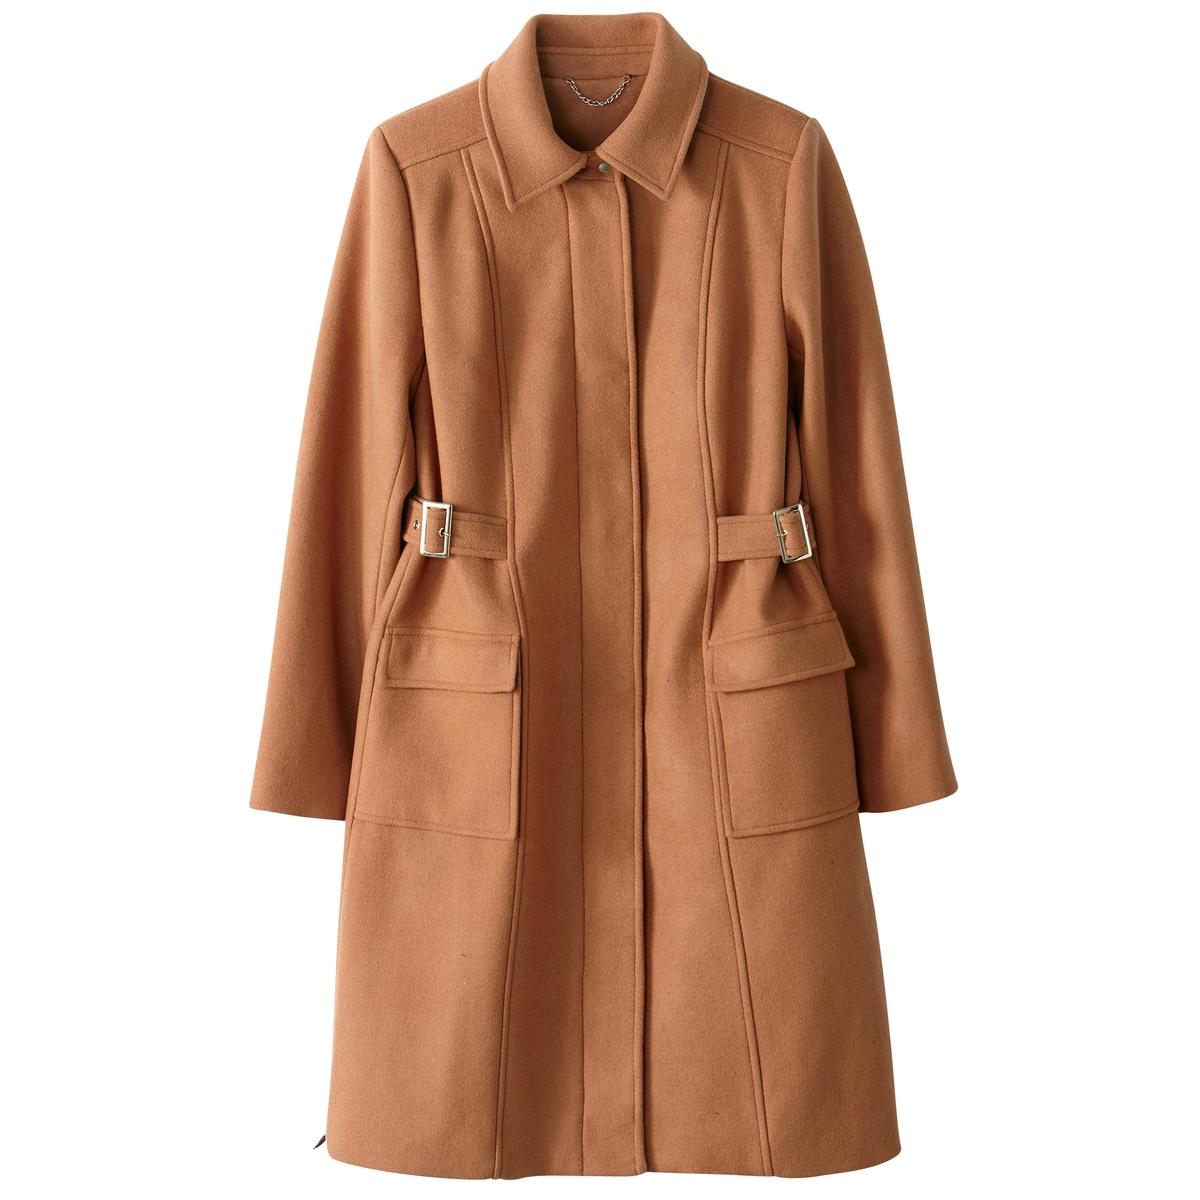 Пальто на молнии 72% шерстиУтепленное пальто из смесовой шерсти очень модного покроя из структурной ткани . Симпатичные ремешки с пряжками, которые подчеркивают талию .Детали •  Длина : удлиненная модель •  Воротник-стойка •  Застежка на молниюСостав и уход •  72% шерсти, 7% акрила, 1% полиамида, 20% полиэстера • Не стирать •  Деликатная чистка/без отбеливателей •  Не использовать барабанную сушку   •  Низкая температура глажки •  Длина : 100 см.<br><br>Цвет: черный<br>Размер: 50 (FR) - 56 (RUS).38 (FR) - 44 (RUS)